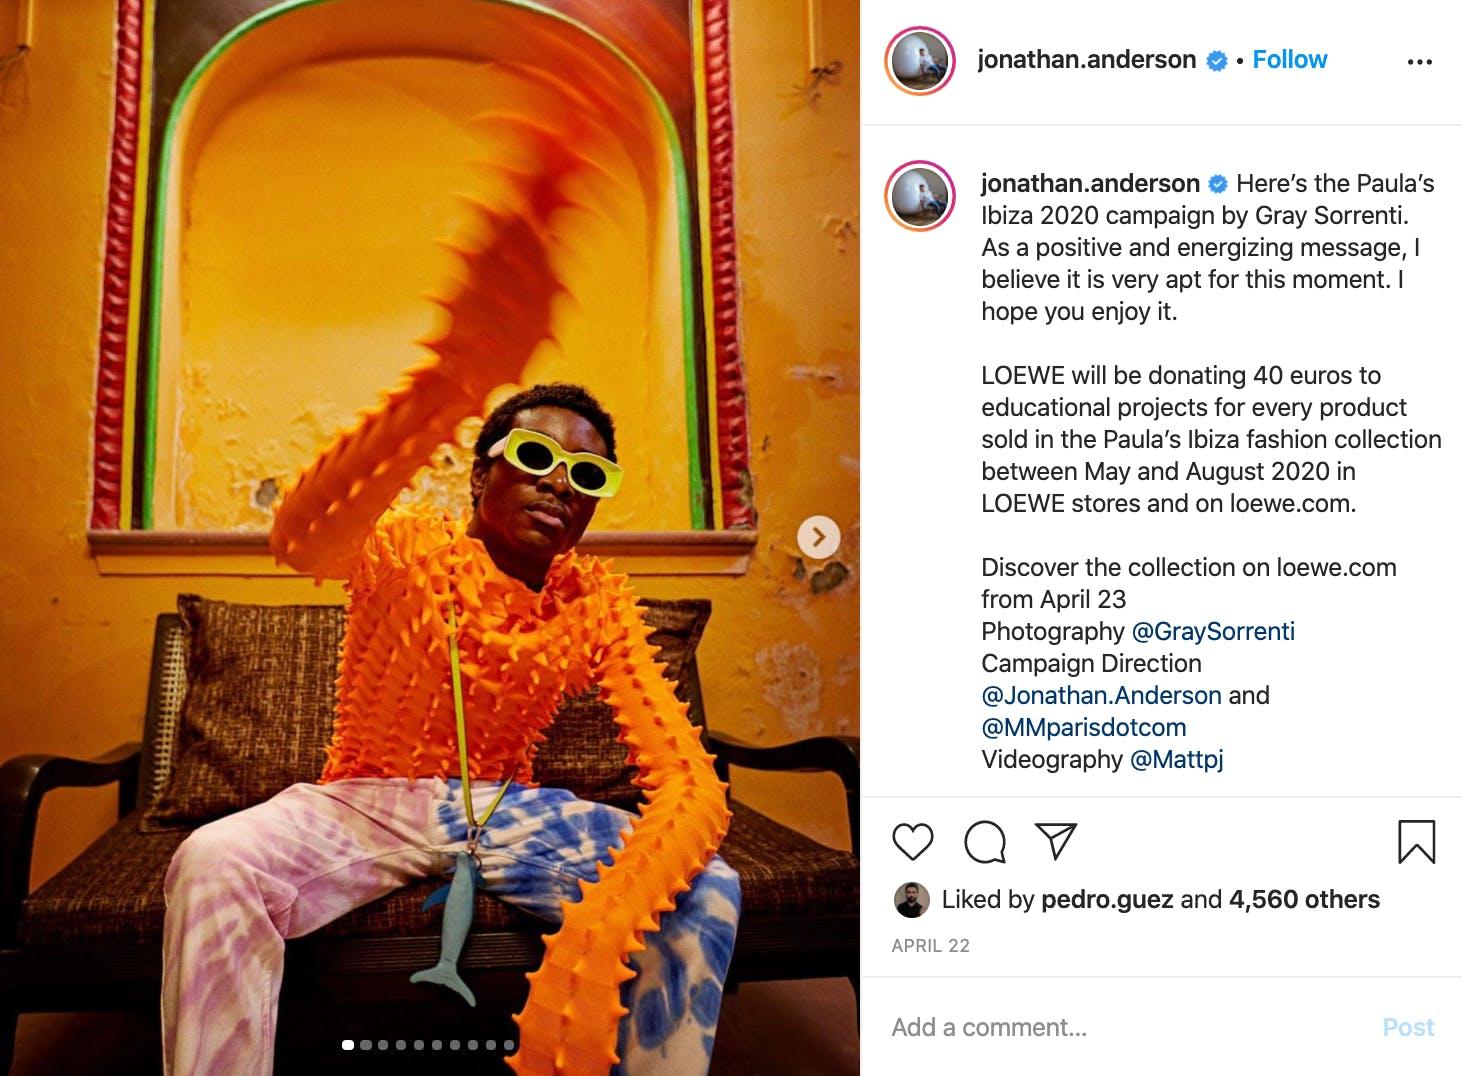 Jonathan Anderson - Loewe art director's instagram feed.